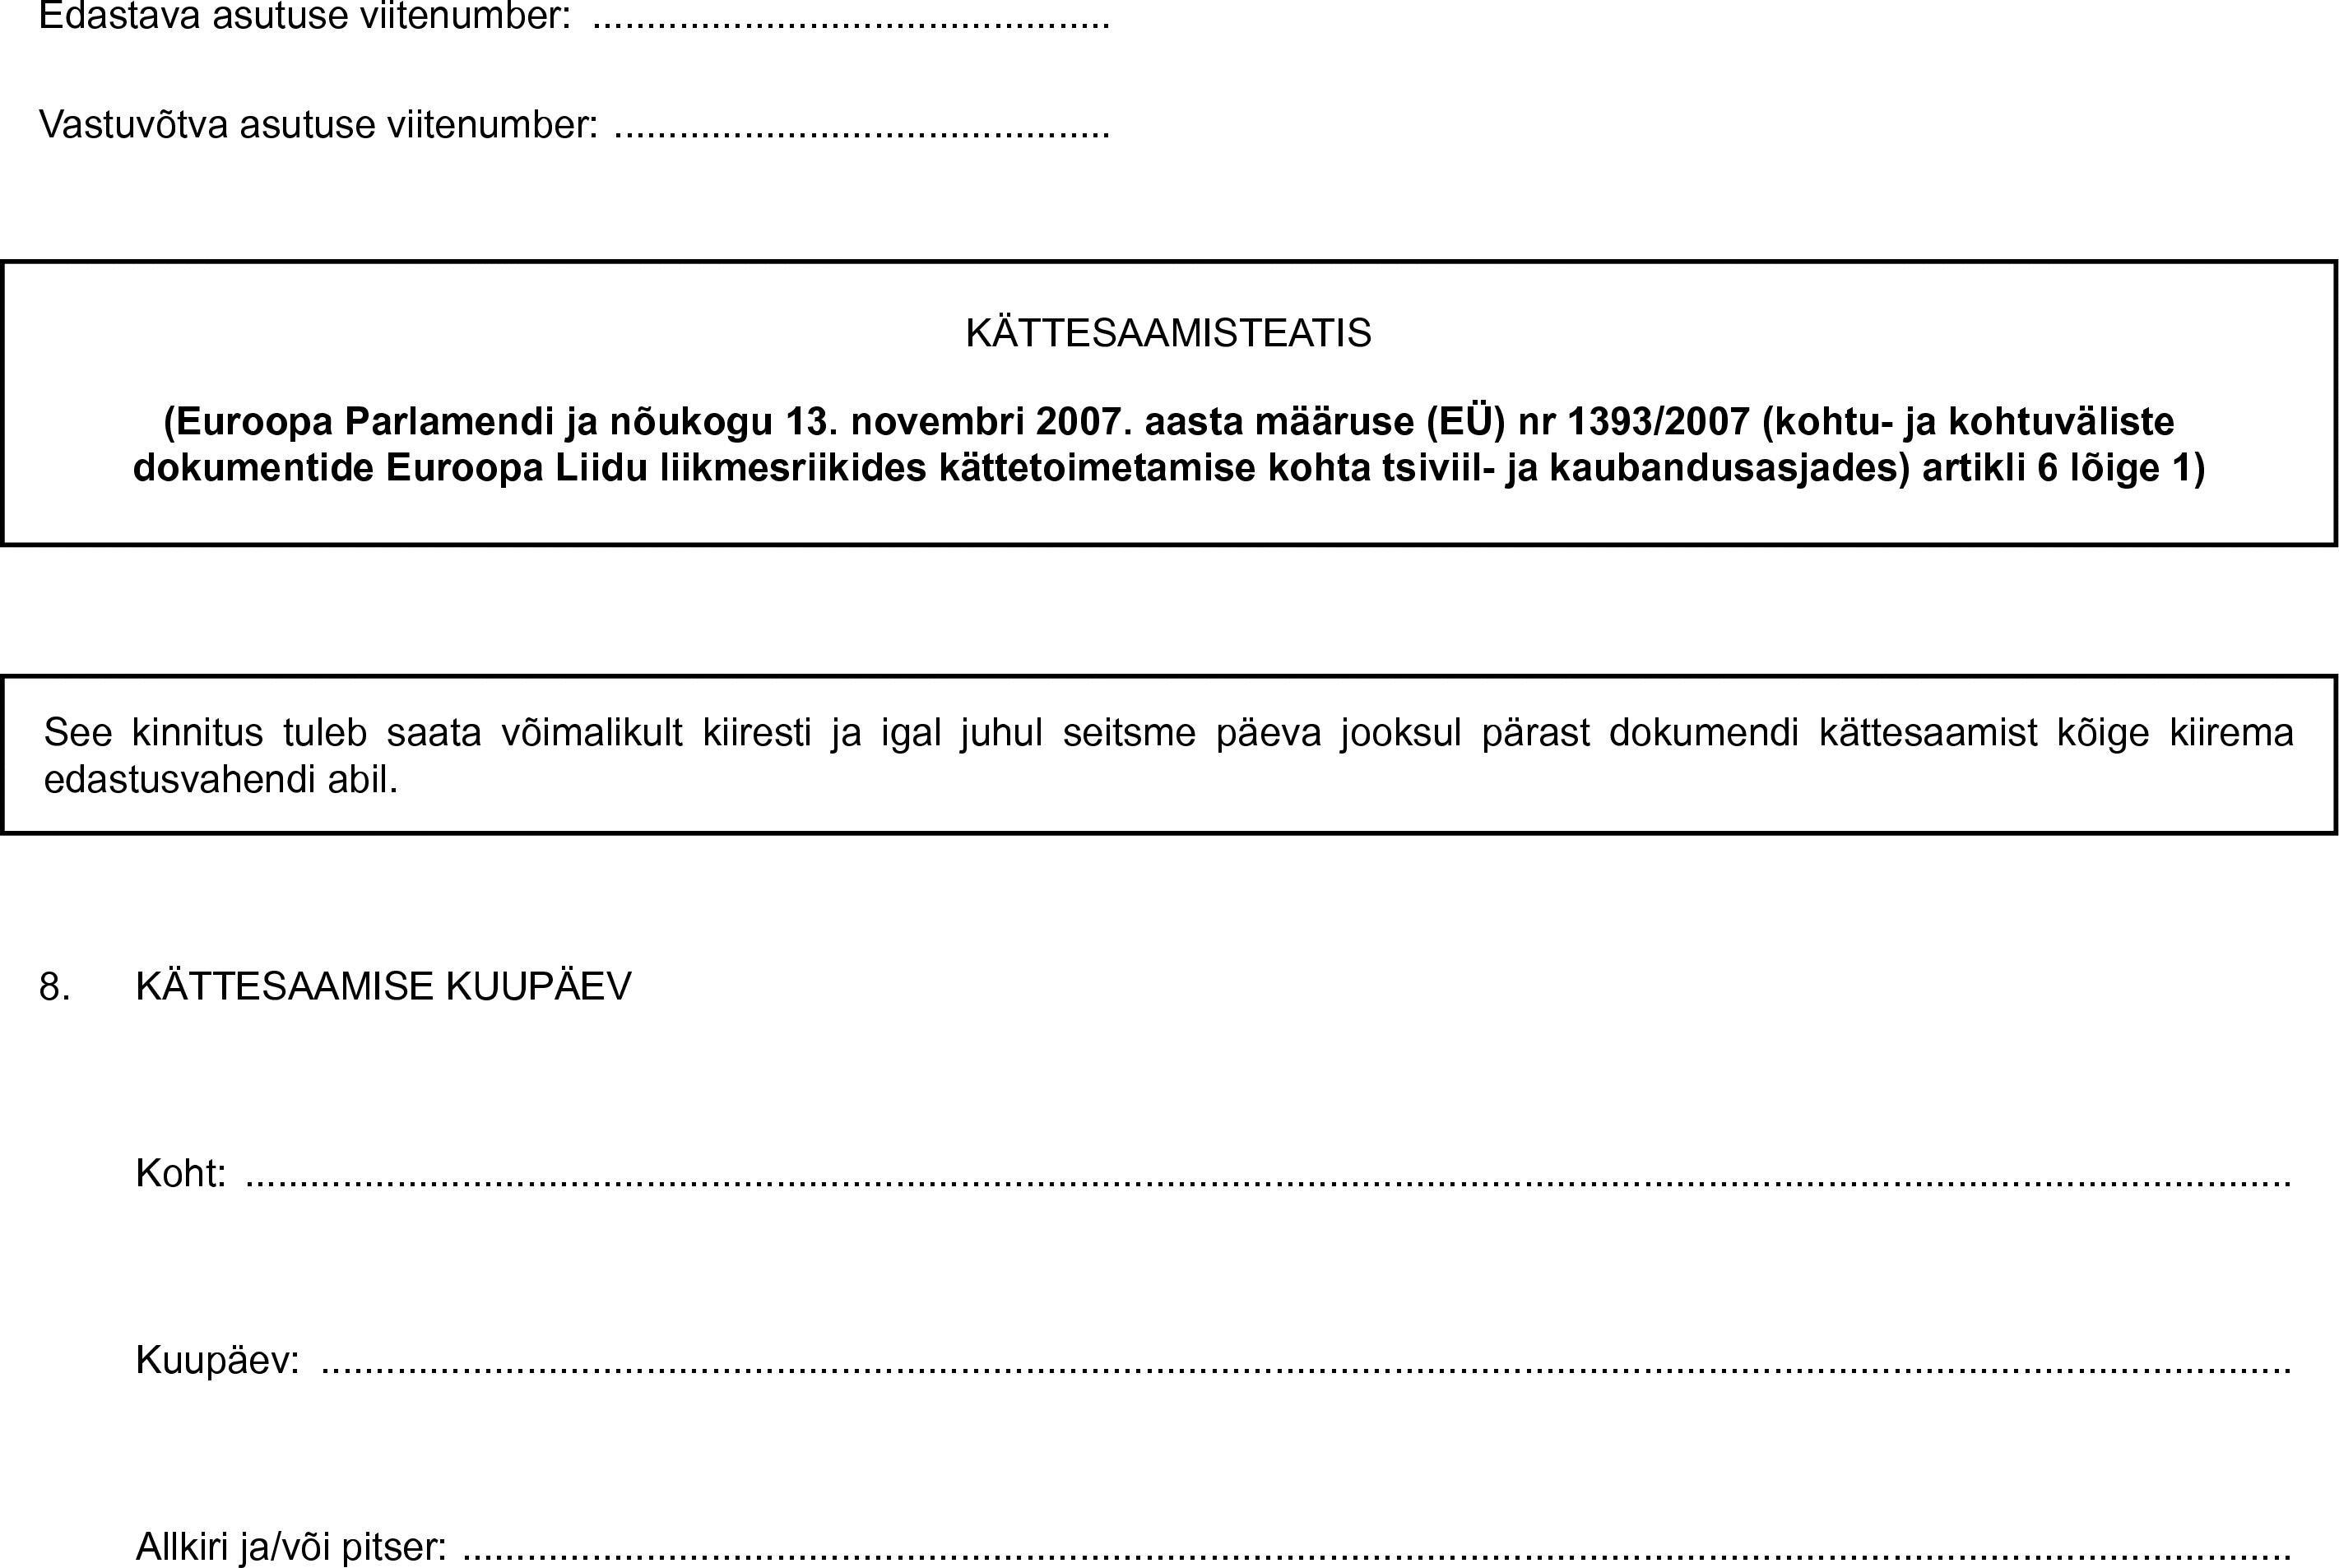 33260dbac0a Edastava asutuse viitenumber: …Vastuvõtva asutuse viitenumber:  …KÄTTESAAMISTEATIS(Euroopa Parlamendi ja nõukogu